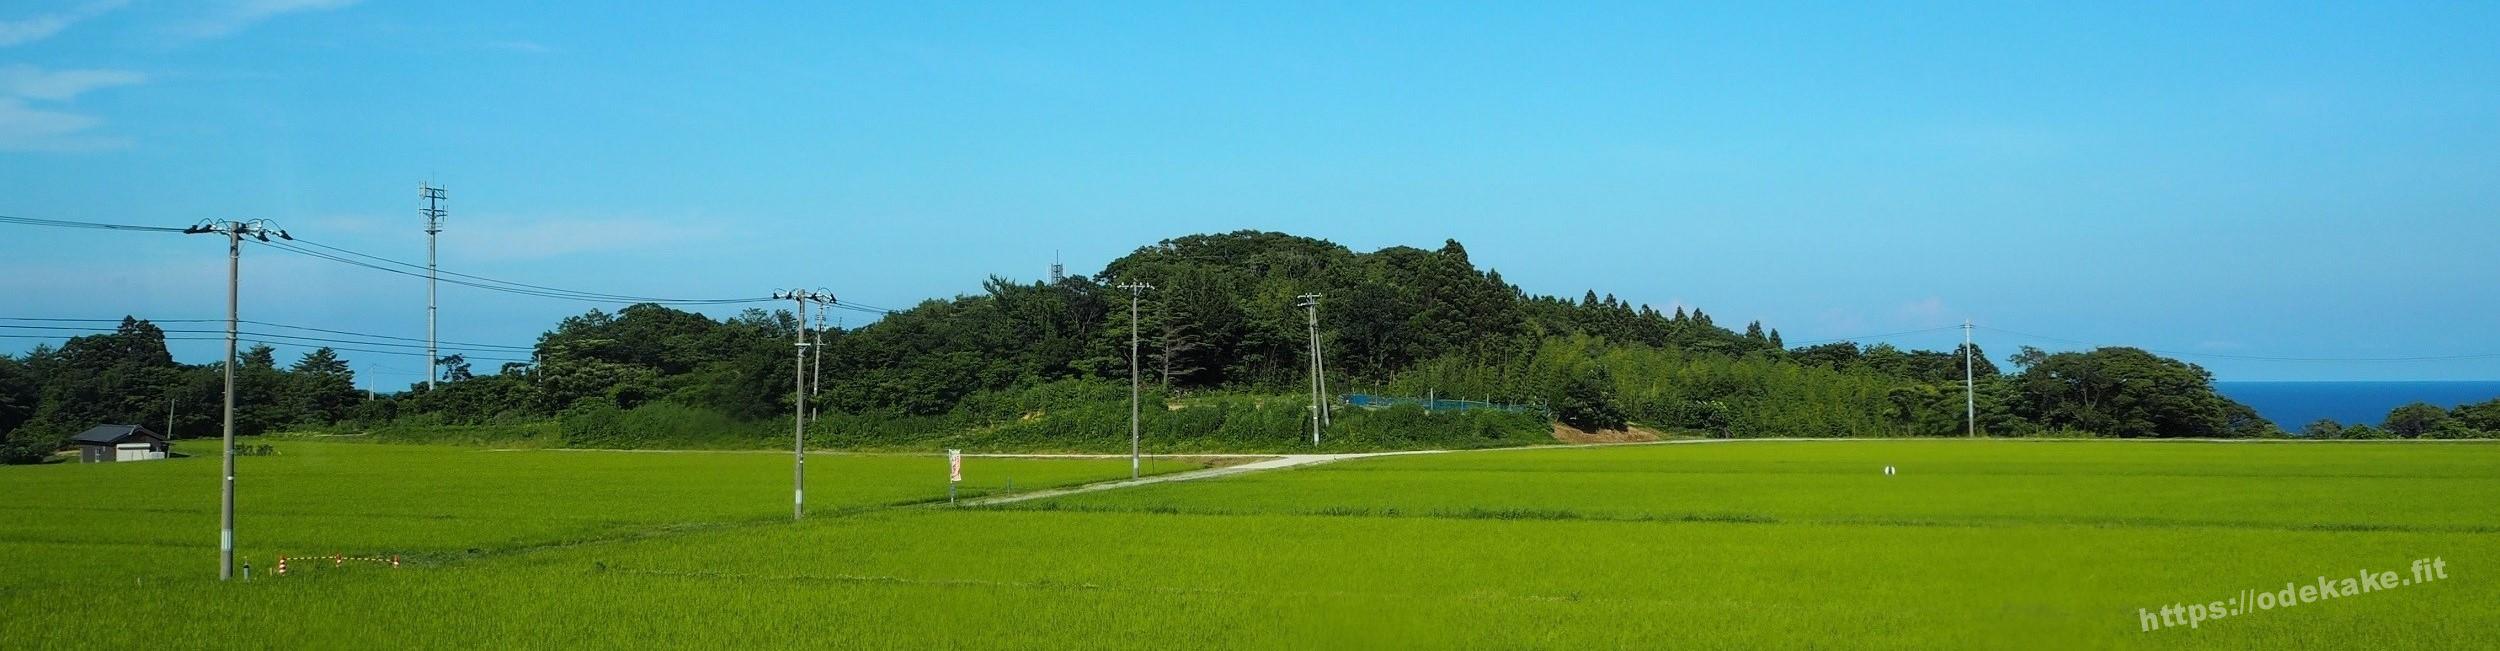 【佐渡】内海府線で路線バスの旅♪車窓から見える海沿いの景色の写真集